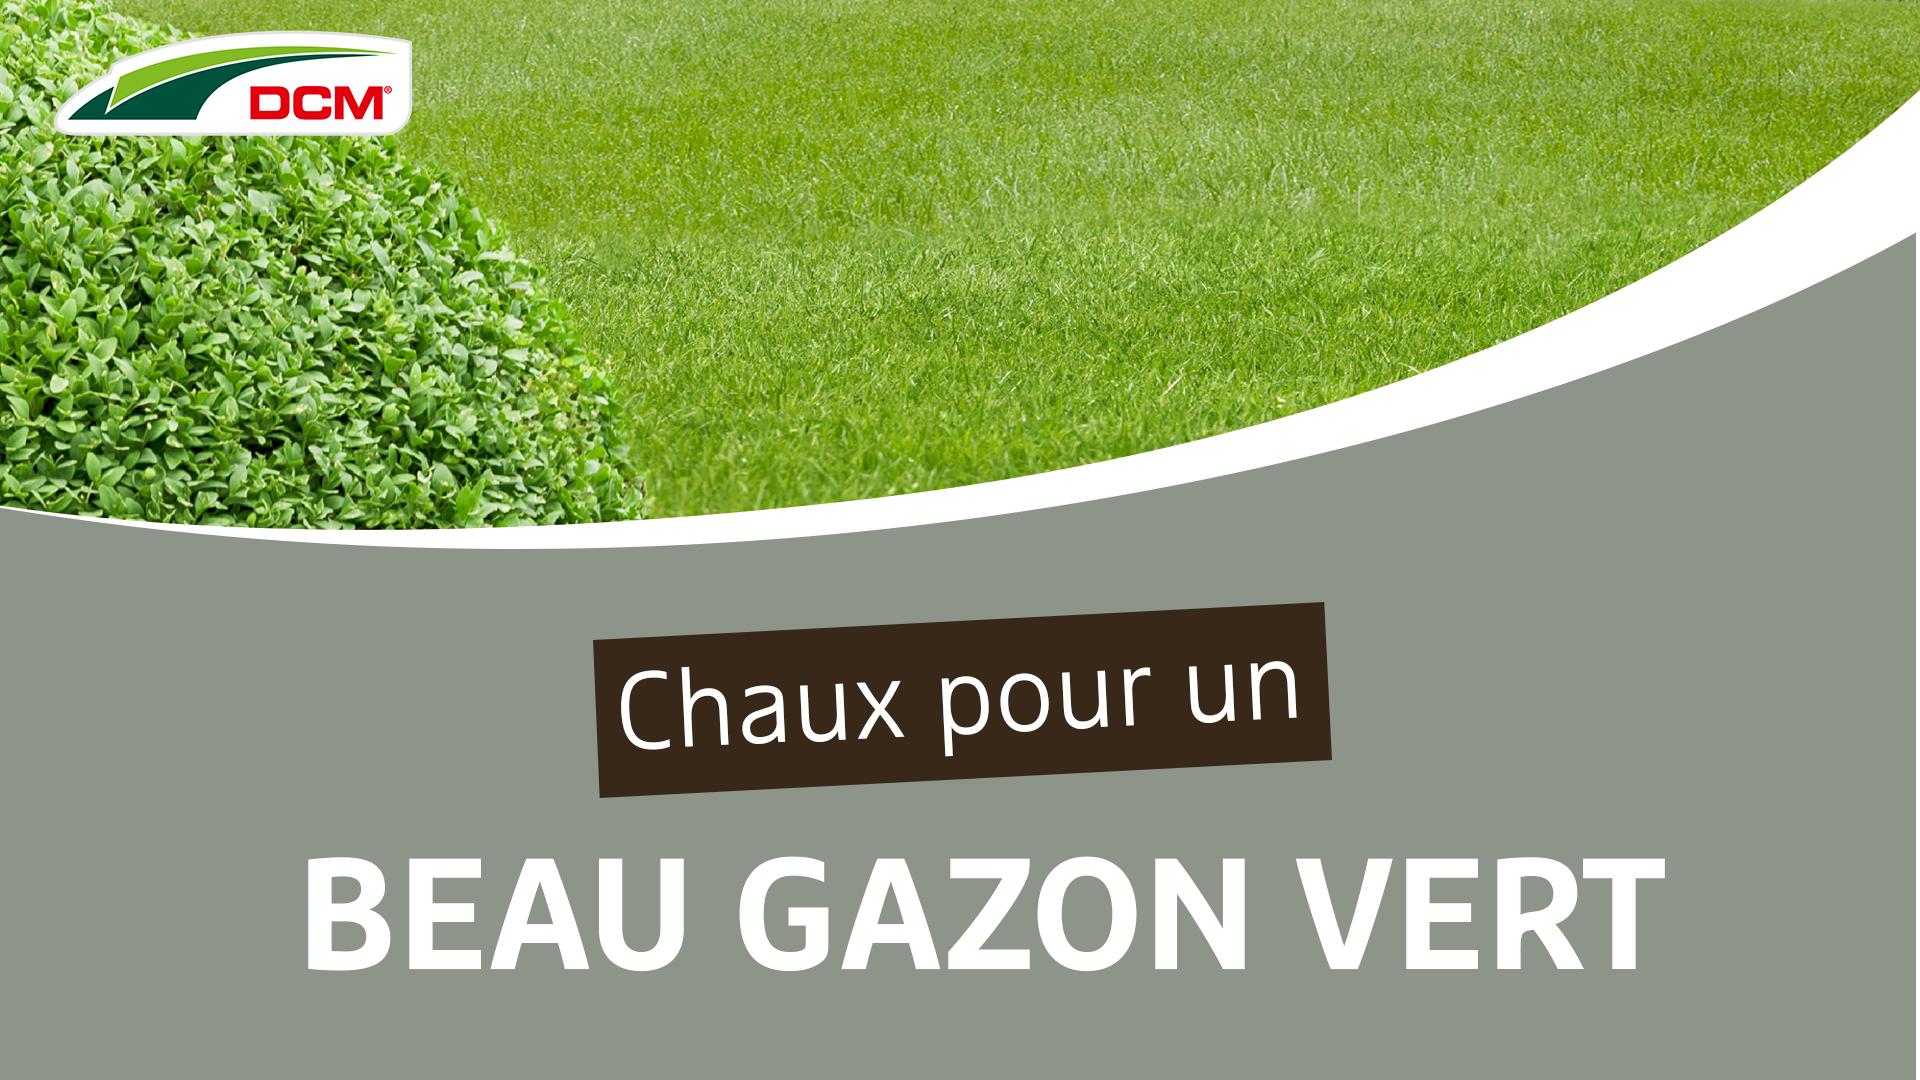 Chaux pour un beau gazon vert - DCM Calcaire vert®